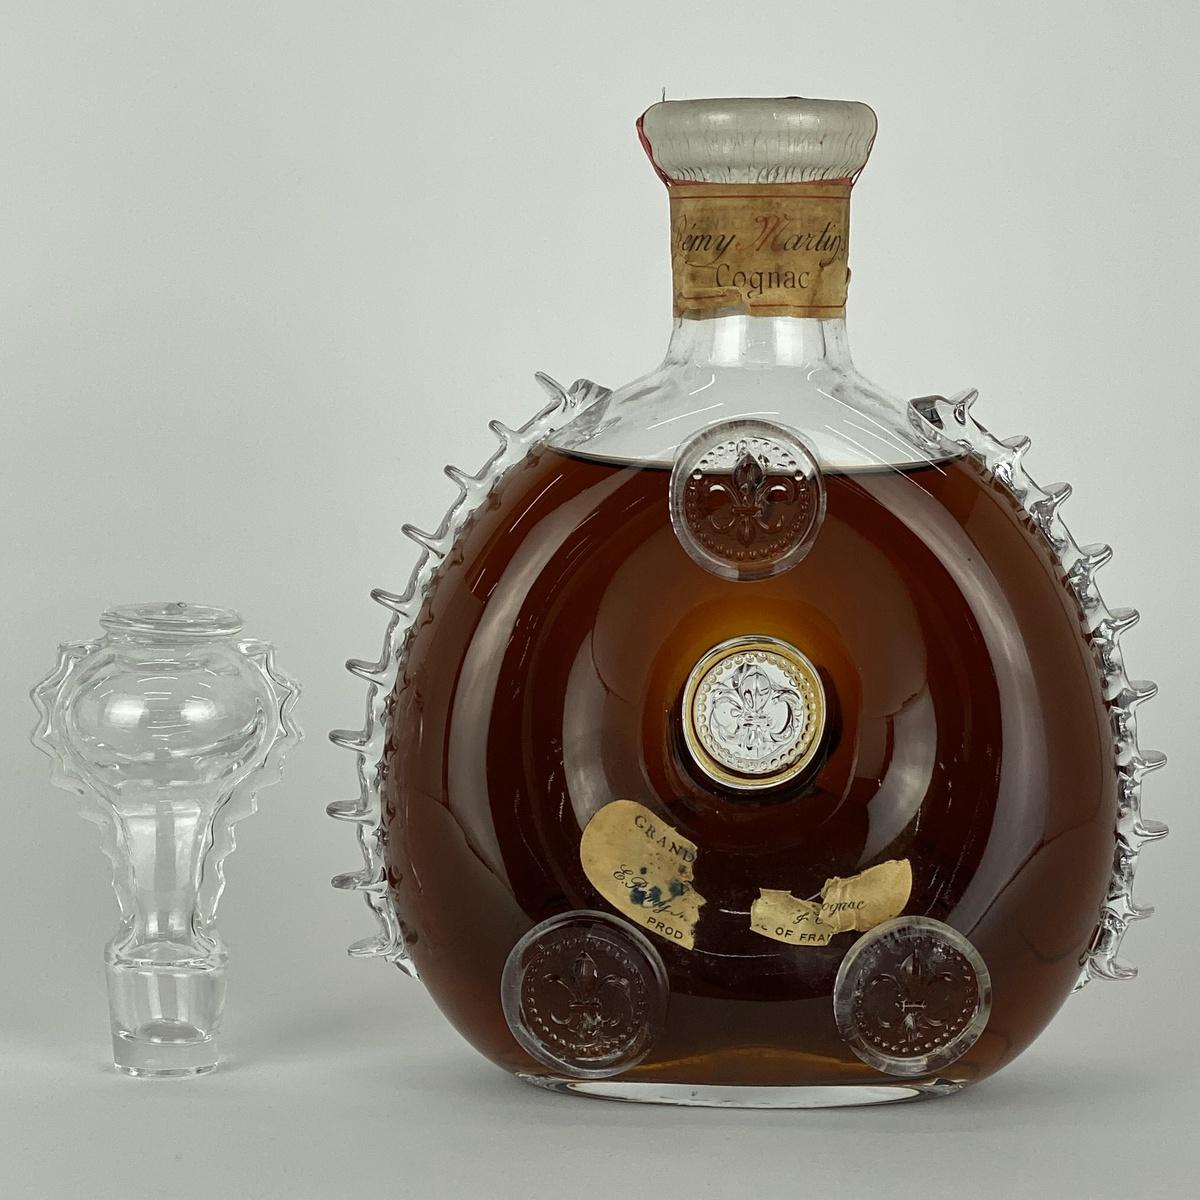 レミーマルタン REMY MARTIN ルイ13世 ベリーオールド 羽1つ欠け 700ml ブランデー コニャック 【古酒】